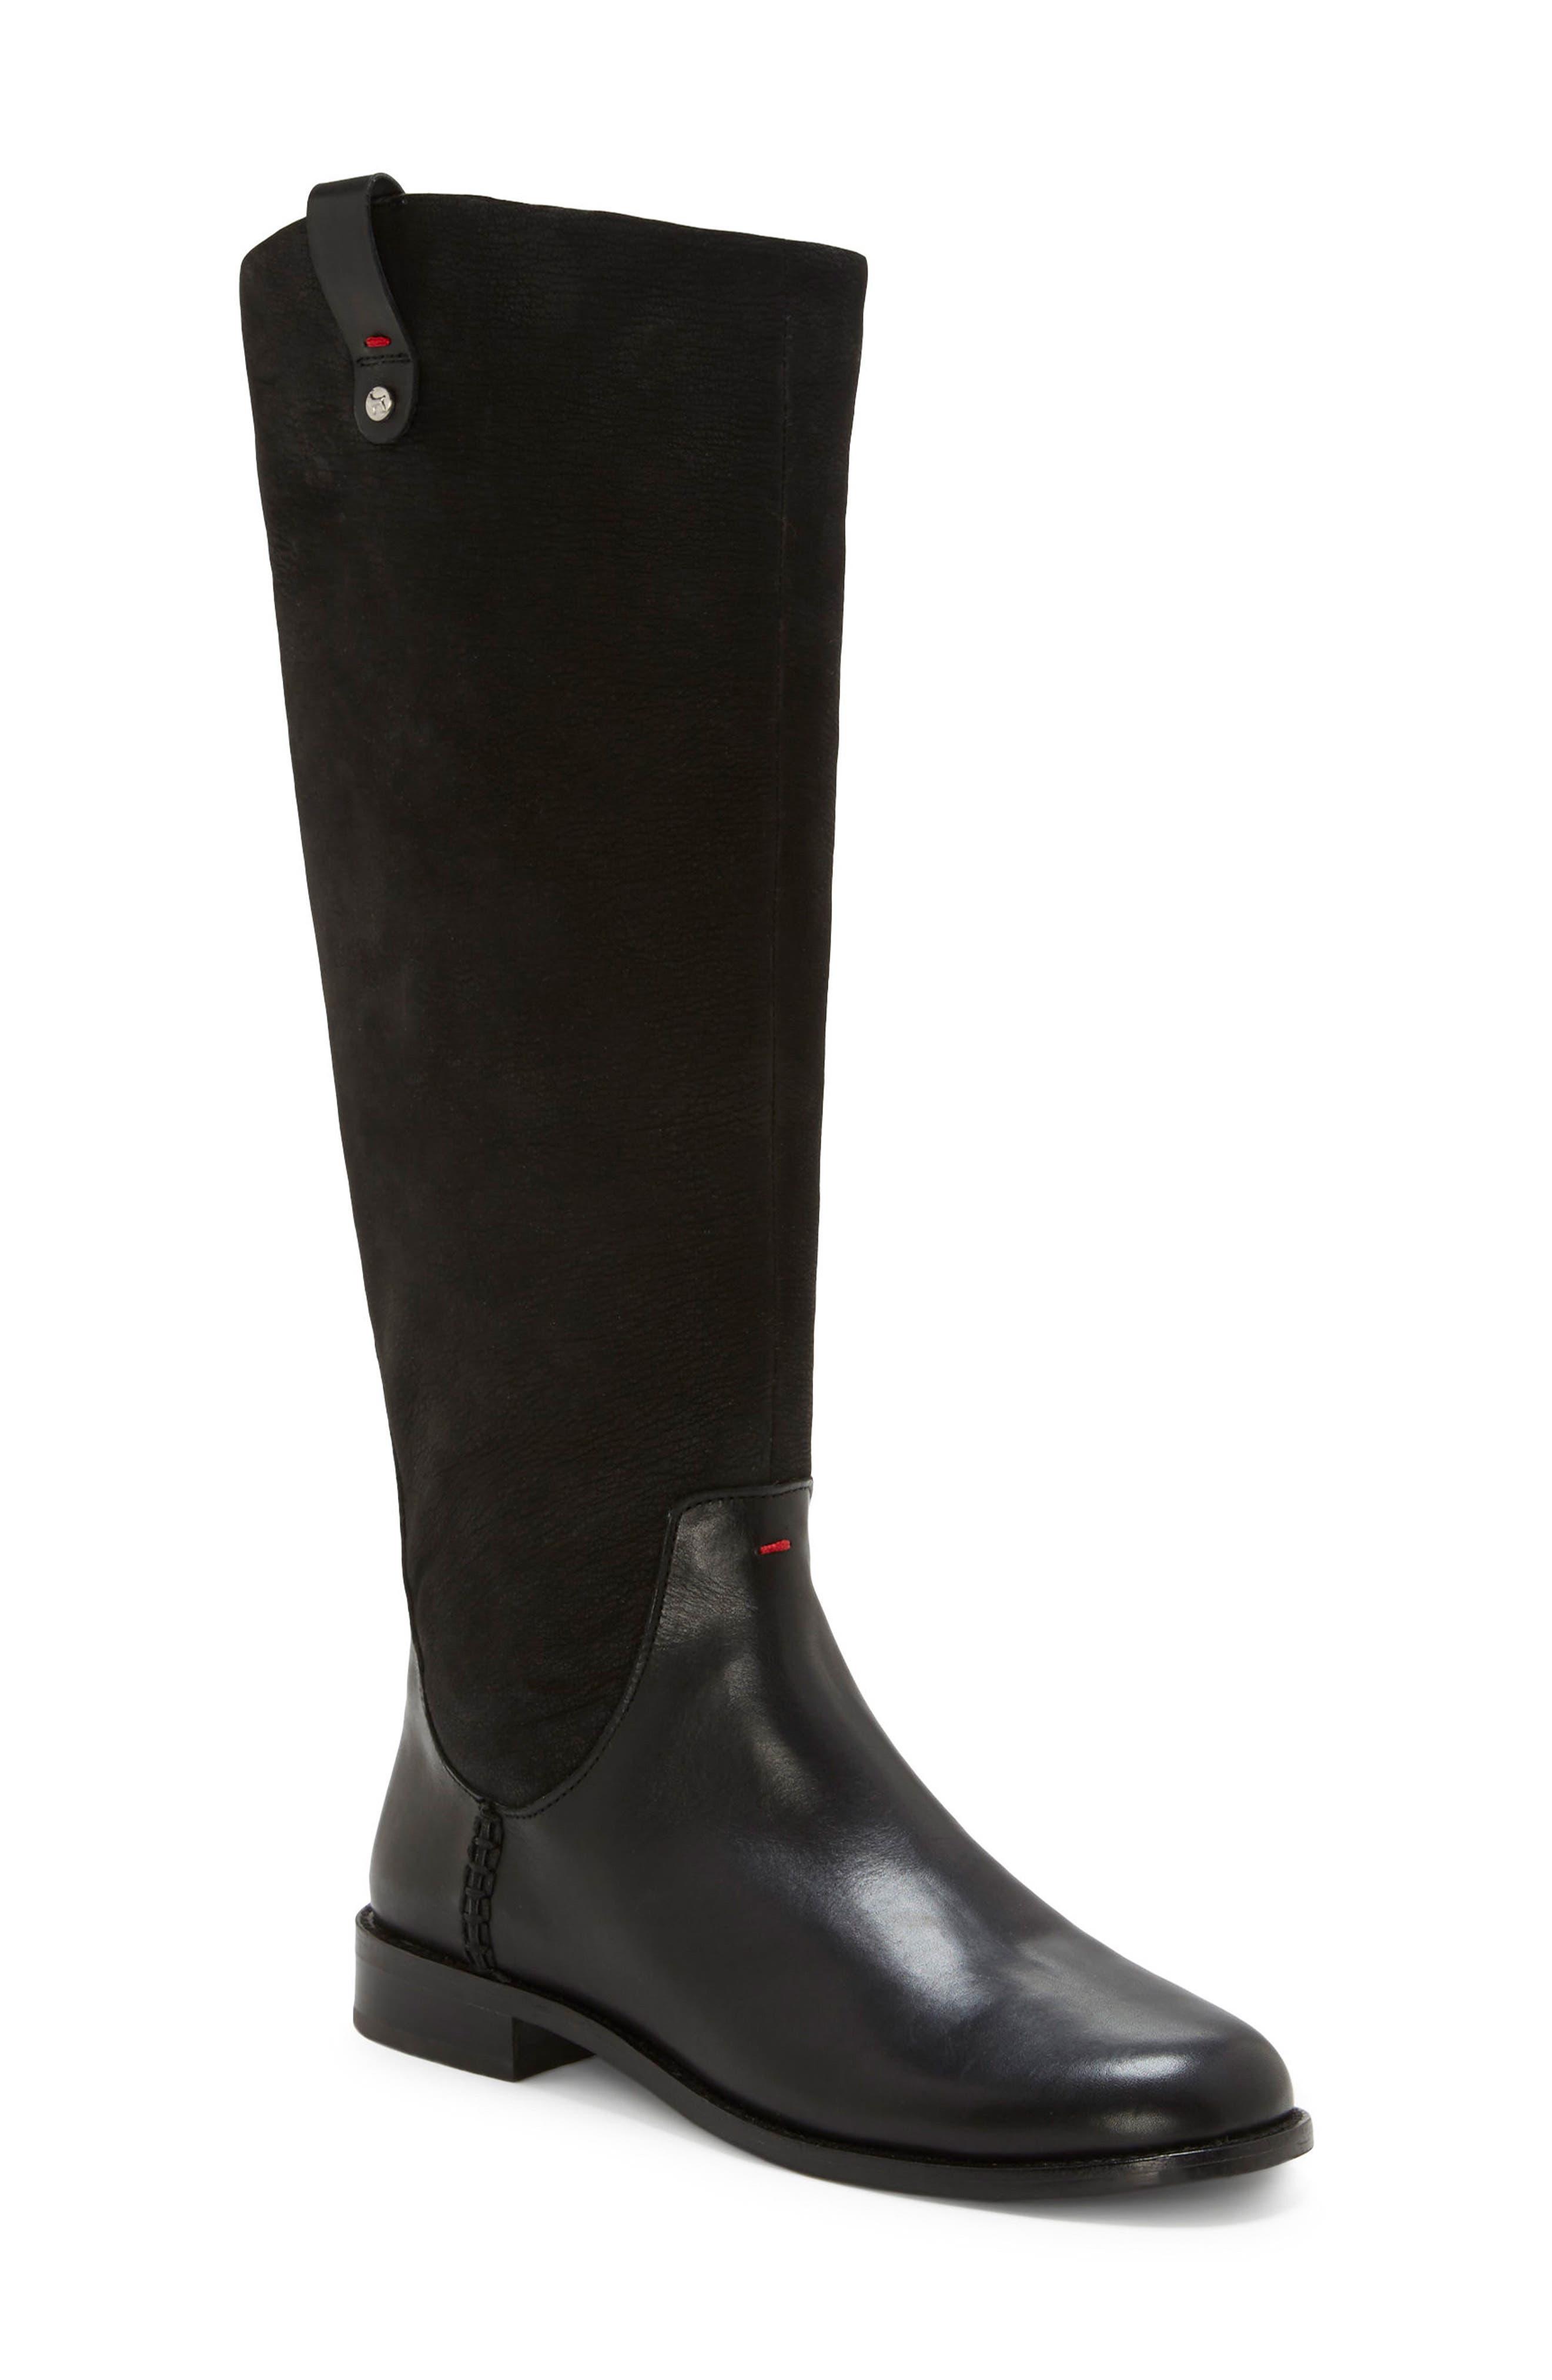 Alternate Image 1 Selected - ED Ellen DeGeneres 'Zoila' Riding Boot (Women)